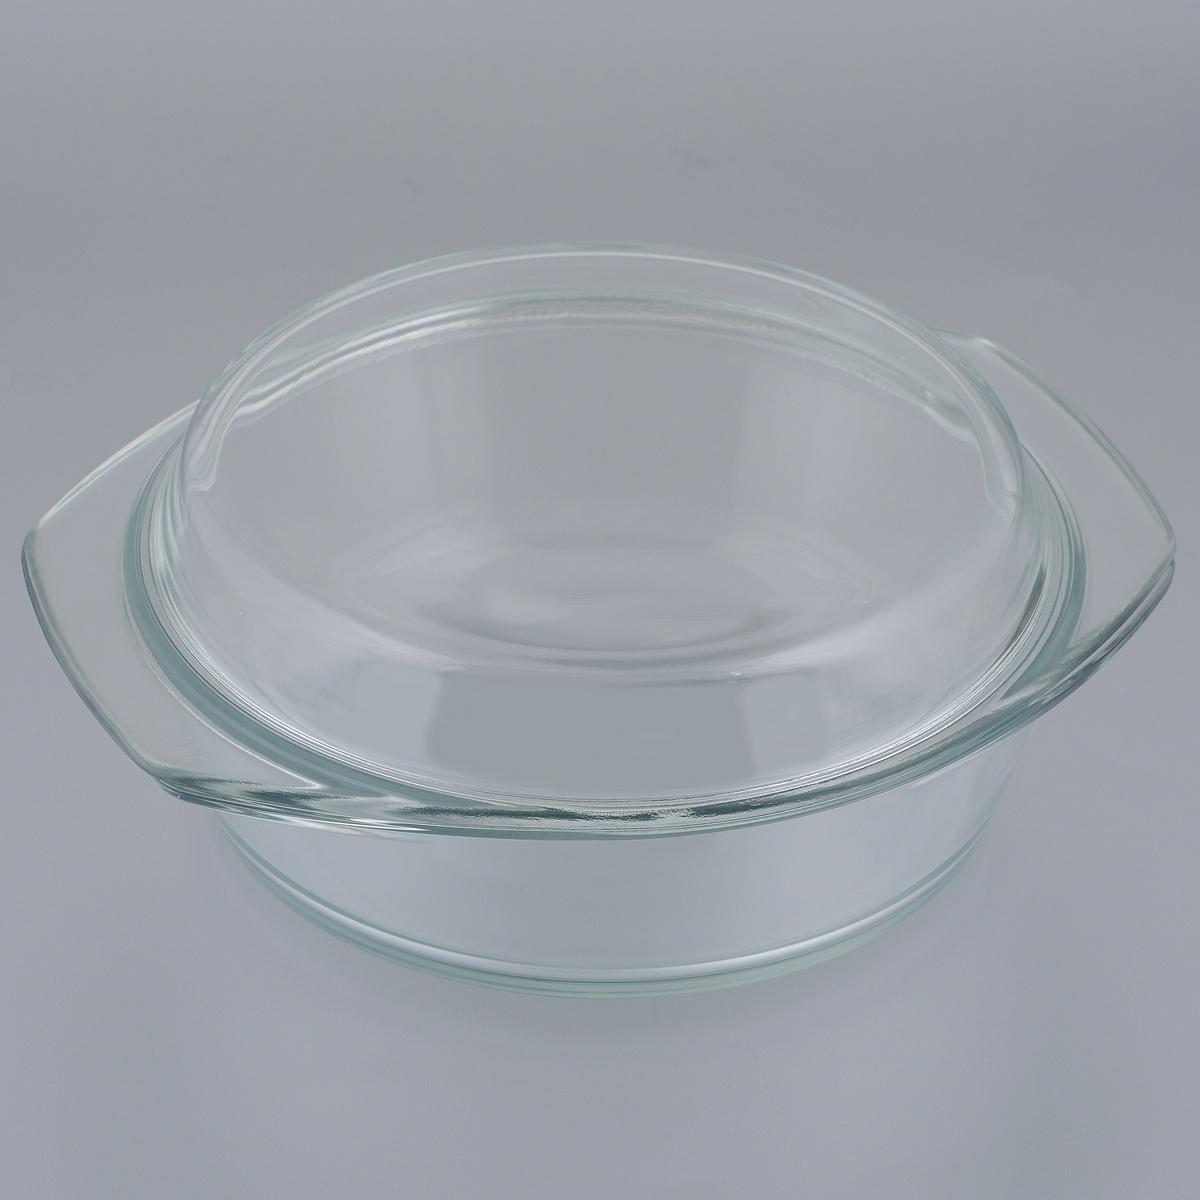 Кастрюля Mijotex с крышкой, 1,5 лPL16Кастрюля Mijotex изготовлена из экологически чистого жаропрочного стекла и оснащена крышкой, которую также можно использовать как отдельную емкость. Стекло - самый безопасный для здоровья материал. Посуда из стекла не вступает в реакцию с готовящейся пищей, а потому не выделяет никаких вредных веществ, не подвергается воздействию кислот и солей. Из-за невысокой теплопроводности пища в стеклянной посуде гораздо медленнее остывает. Стеклянная посуда очень удобна для приготовления, разогрева и хранения самых разнообразных блюд: супов, вторых блюд, десертов. Используя такую кастрюлю, вы можете не только приготовить в ней пищу, но и подать ее к столу, не меняя посуды. Благодаря гладкой идеально ровной поверхности посуда легко моется. Допускается нагрев посуды до 250°С. Можно использовать в микроволновой печи, духовом шкафу, на газовых конфорках и электроплитах. Можно использовать для хранения в холодильнике и морозильной камере. Можно мыть в посудомоечной машине. ...